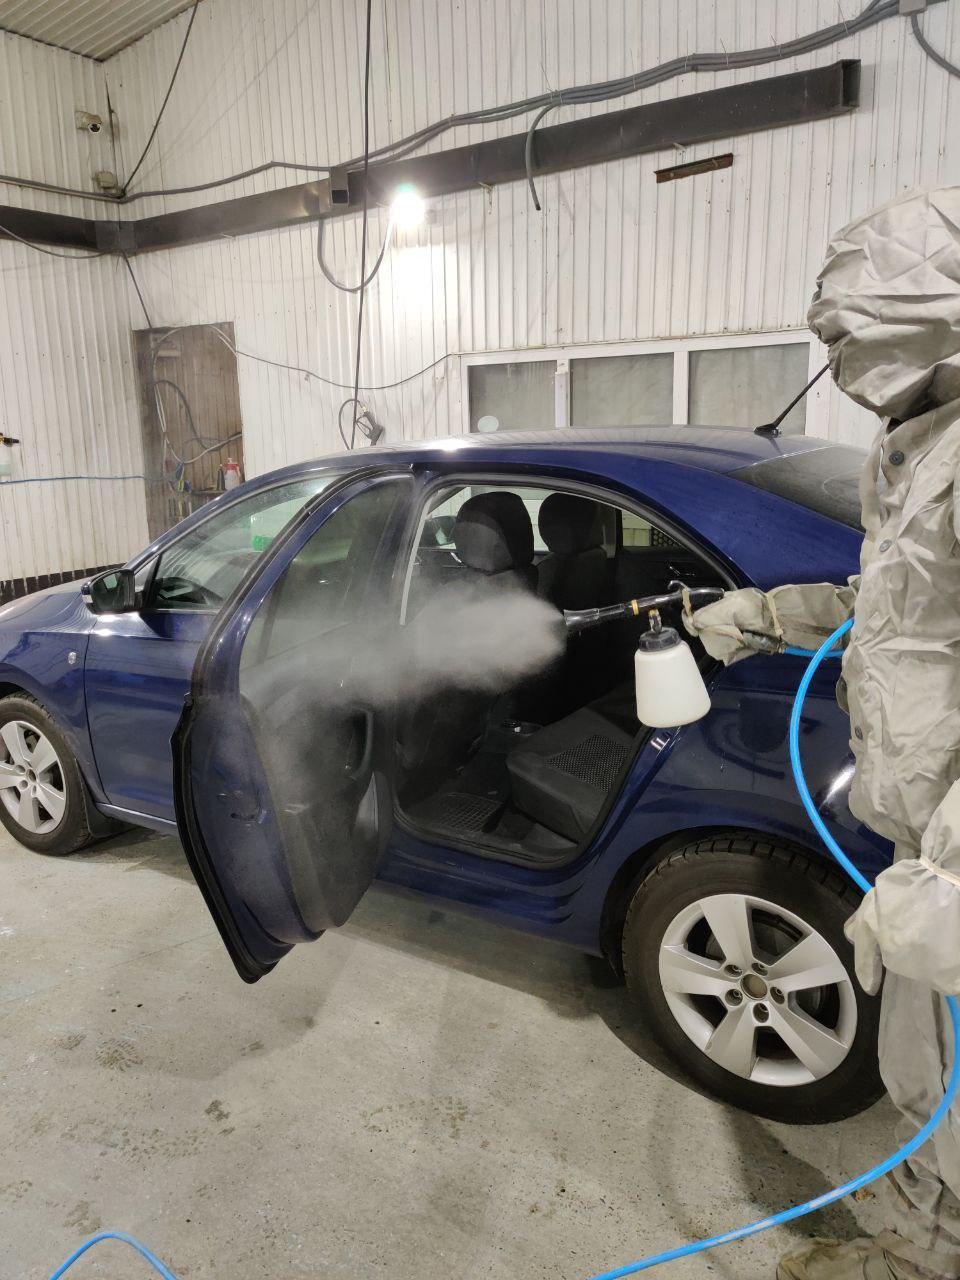 Bolt починає дезінфекцію авто та забезпечить водіїв засобами захисту від вірусів